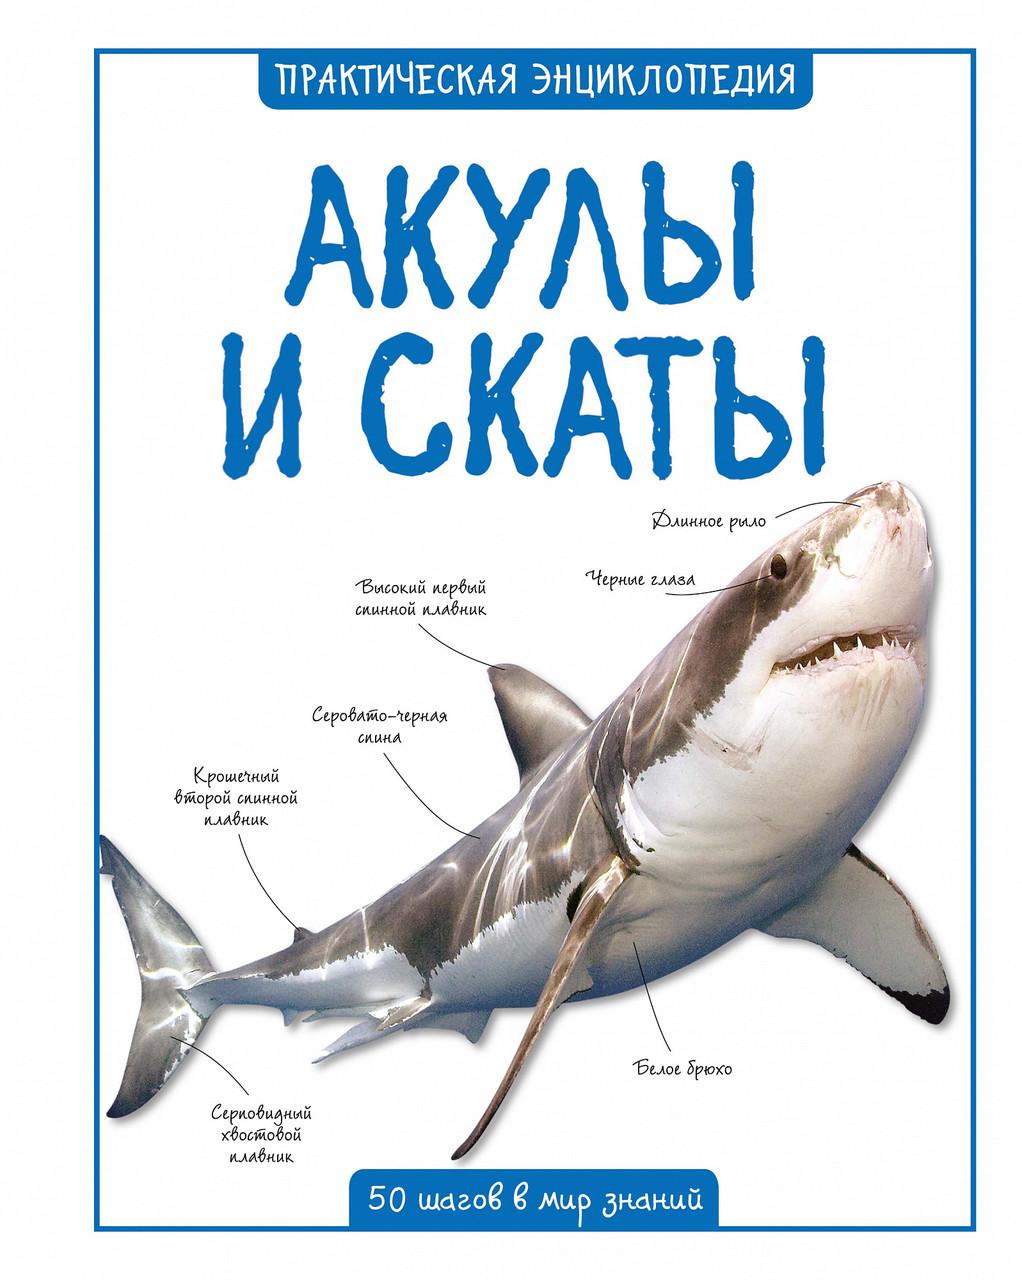 Акулы и скаты «Практическая энциклопедия. 50 шагов в мир знаний»